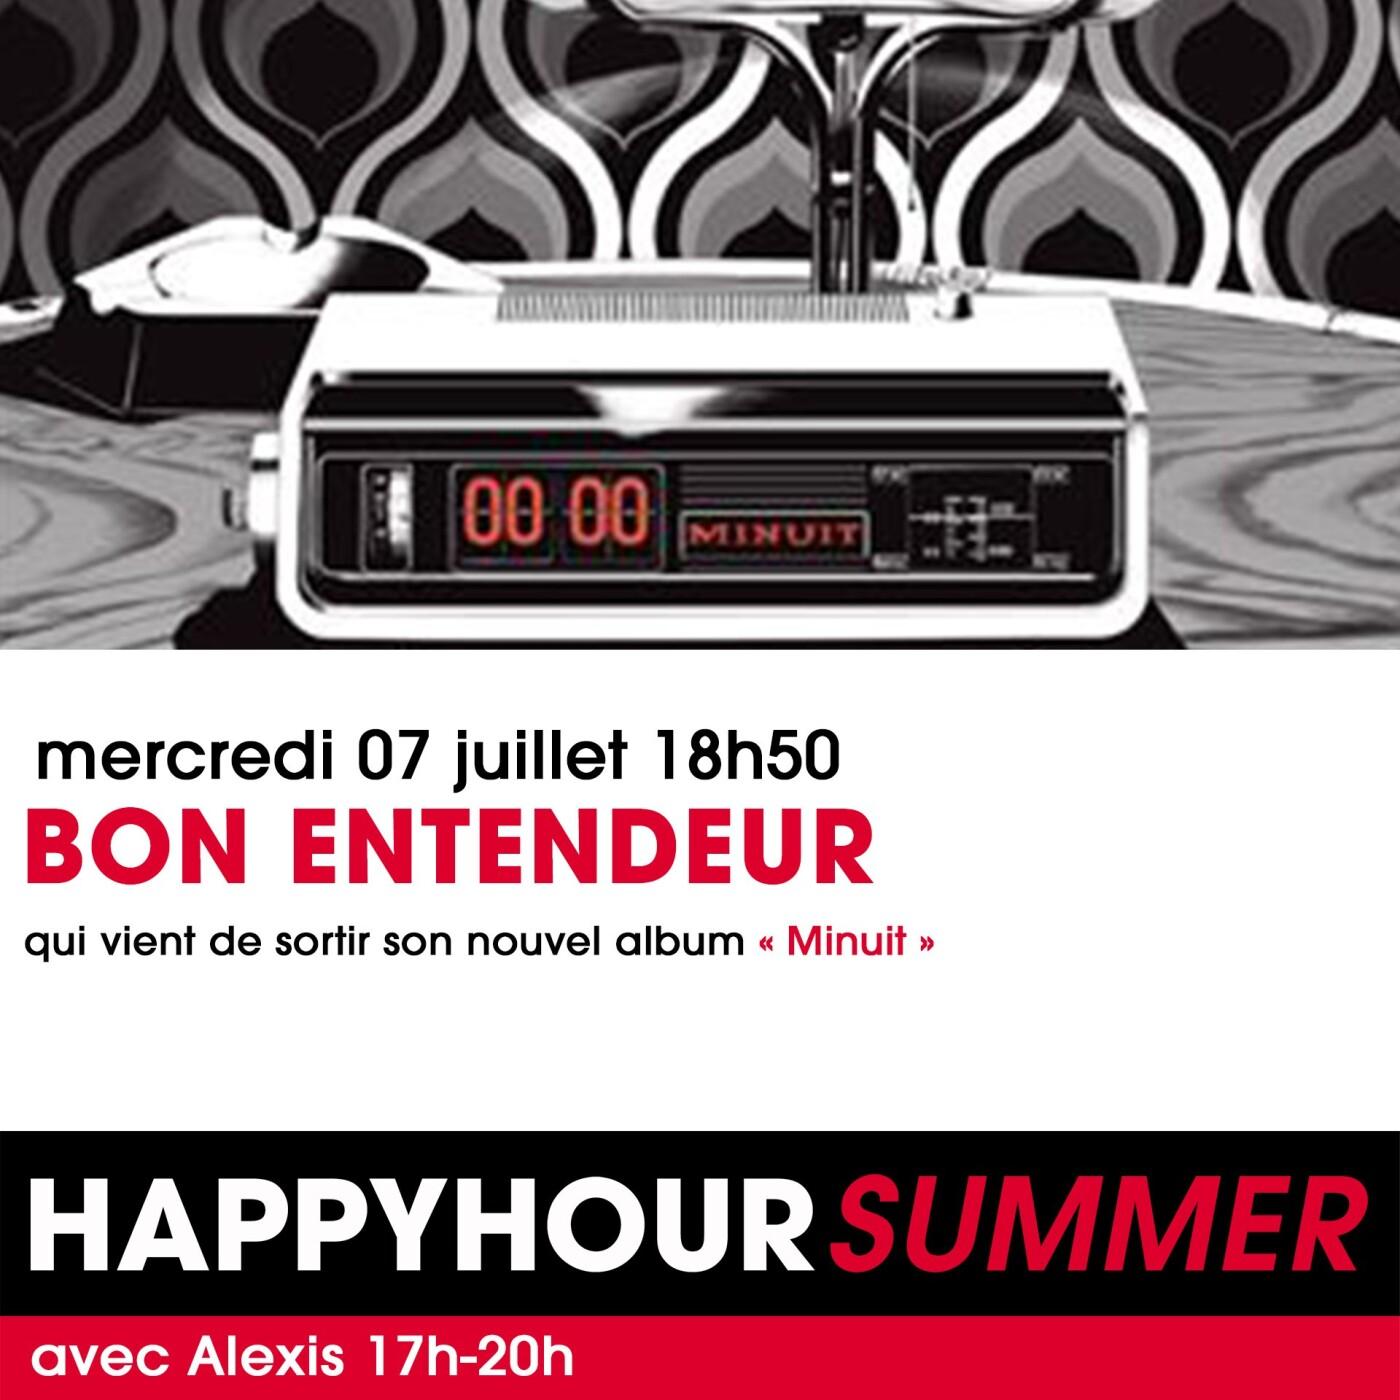 L'INTERVIEW DES BON ENTENDEUR DANS L'HAPPY HOUR FG